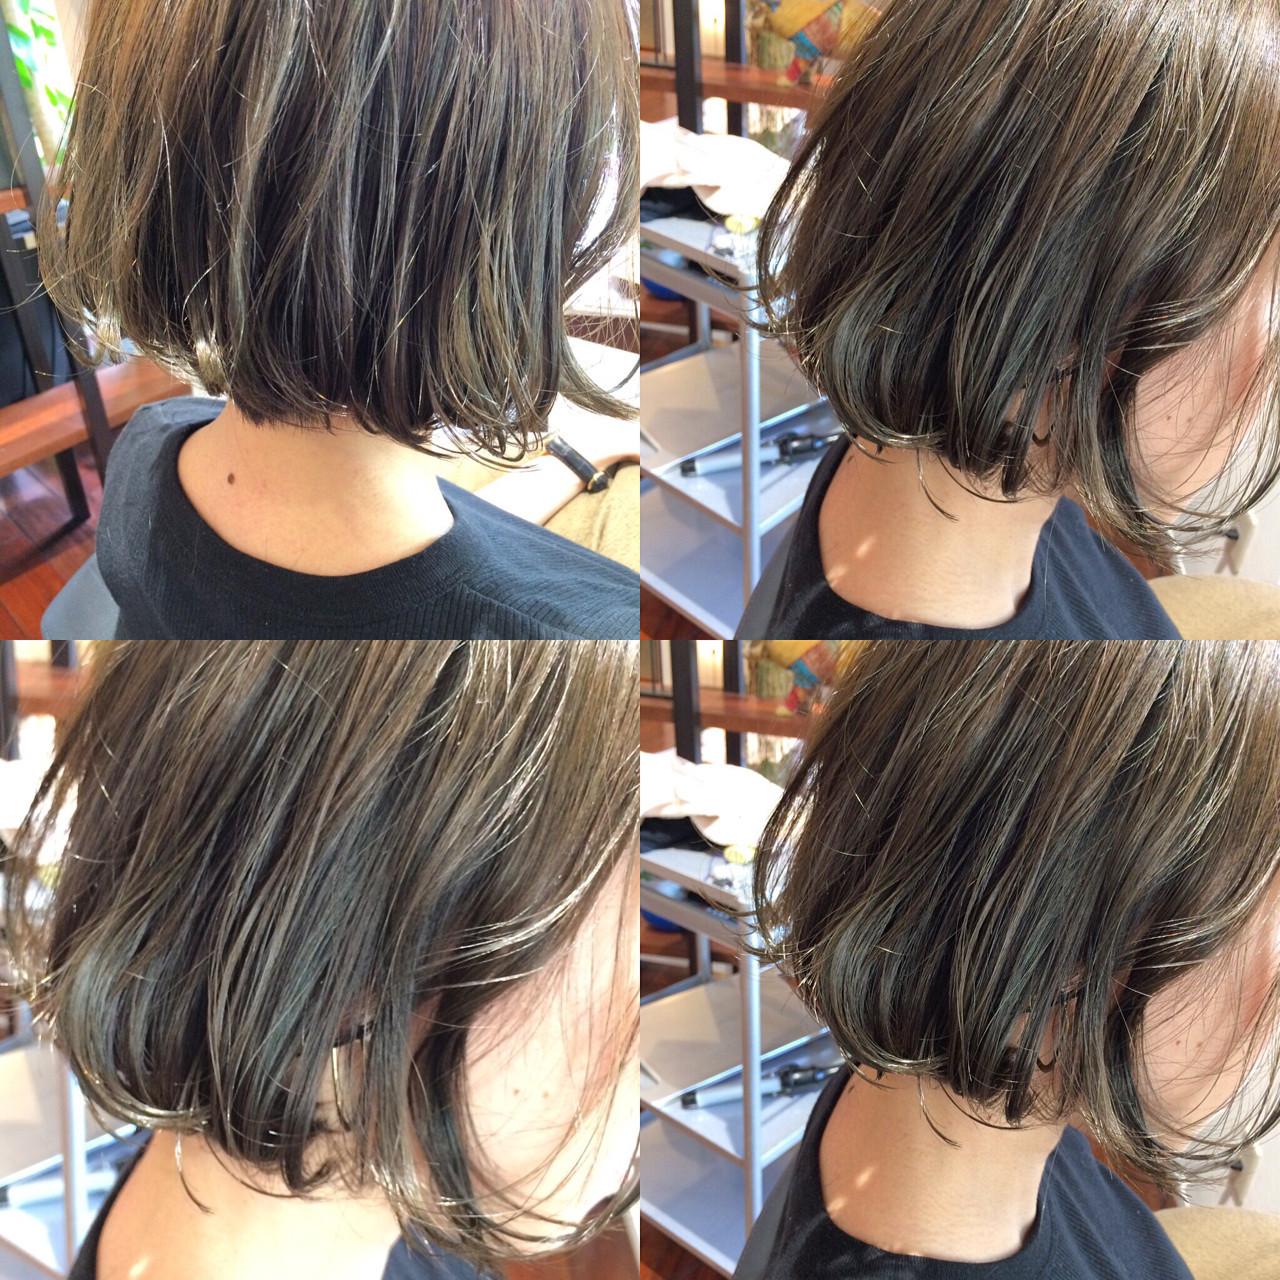 アッシュ ストリート 色気 暗髪 ヘアスタイルや髪型の写真・画像